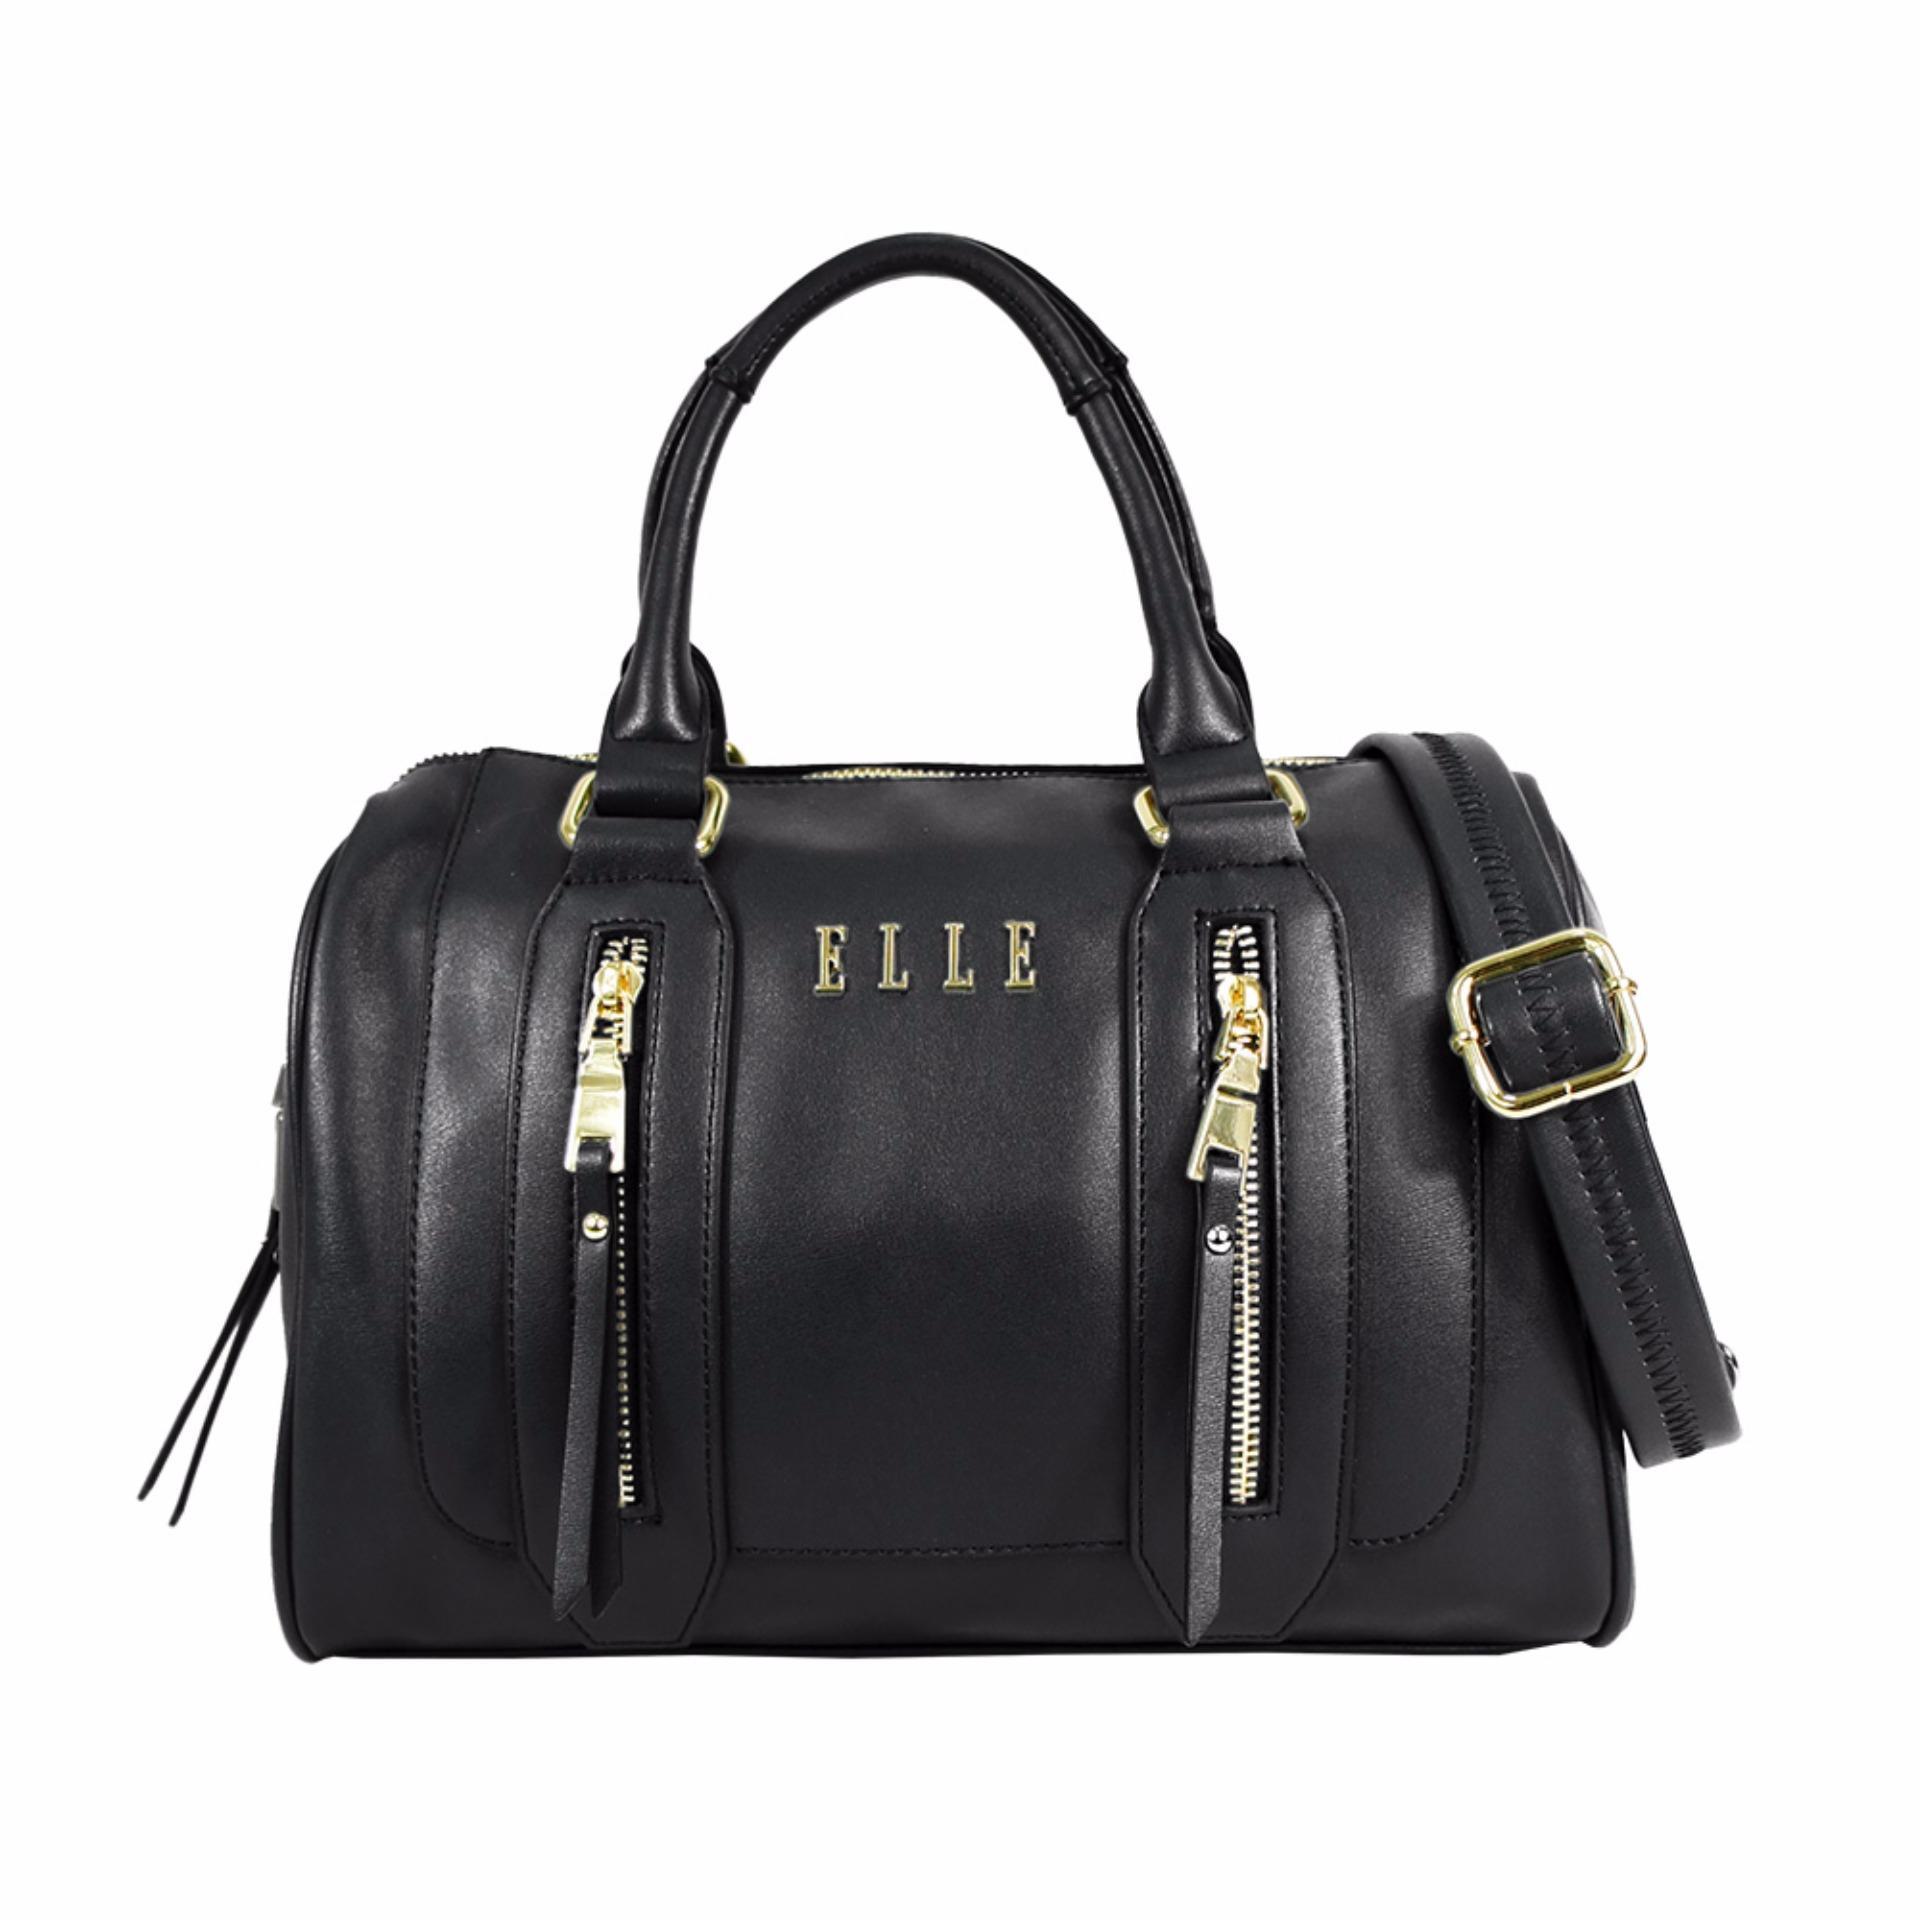 Elle  40841-02 Handbag, Tas Wanita - Black